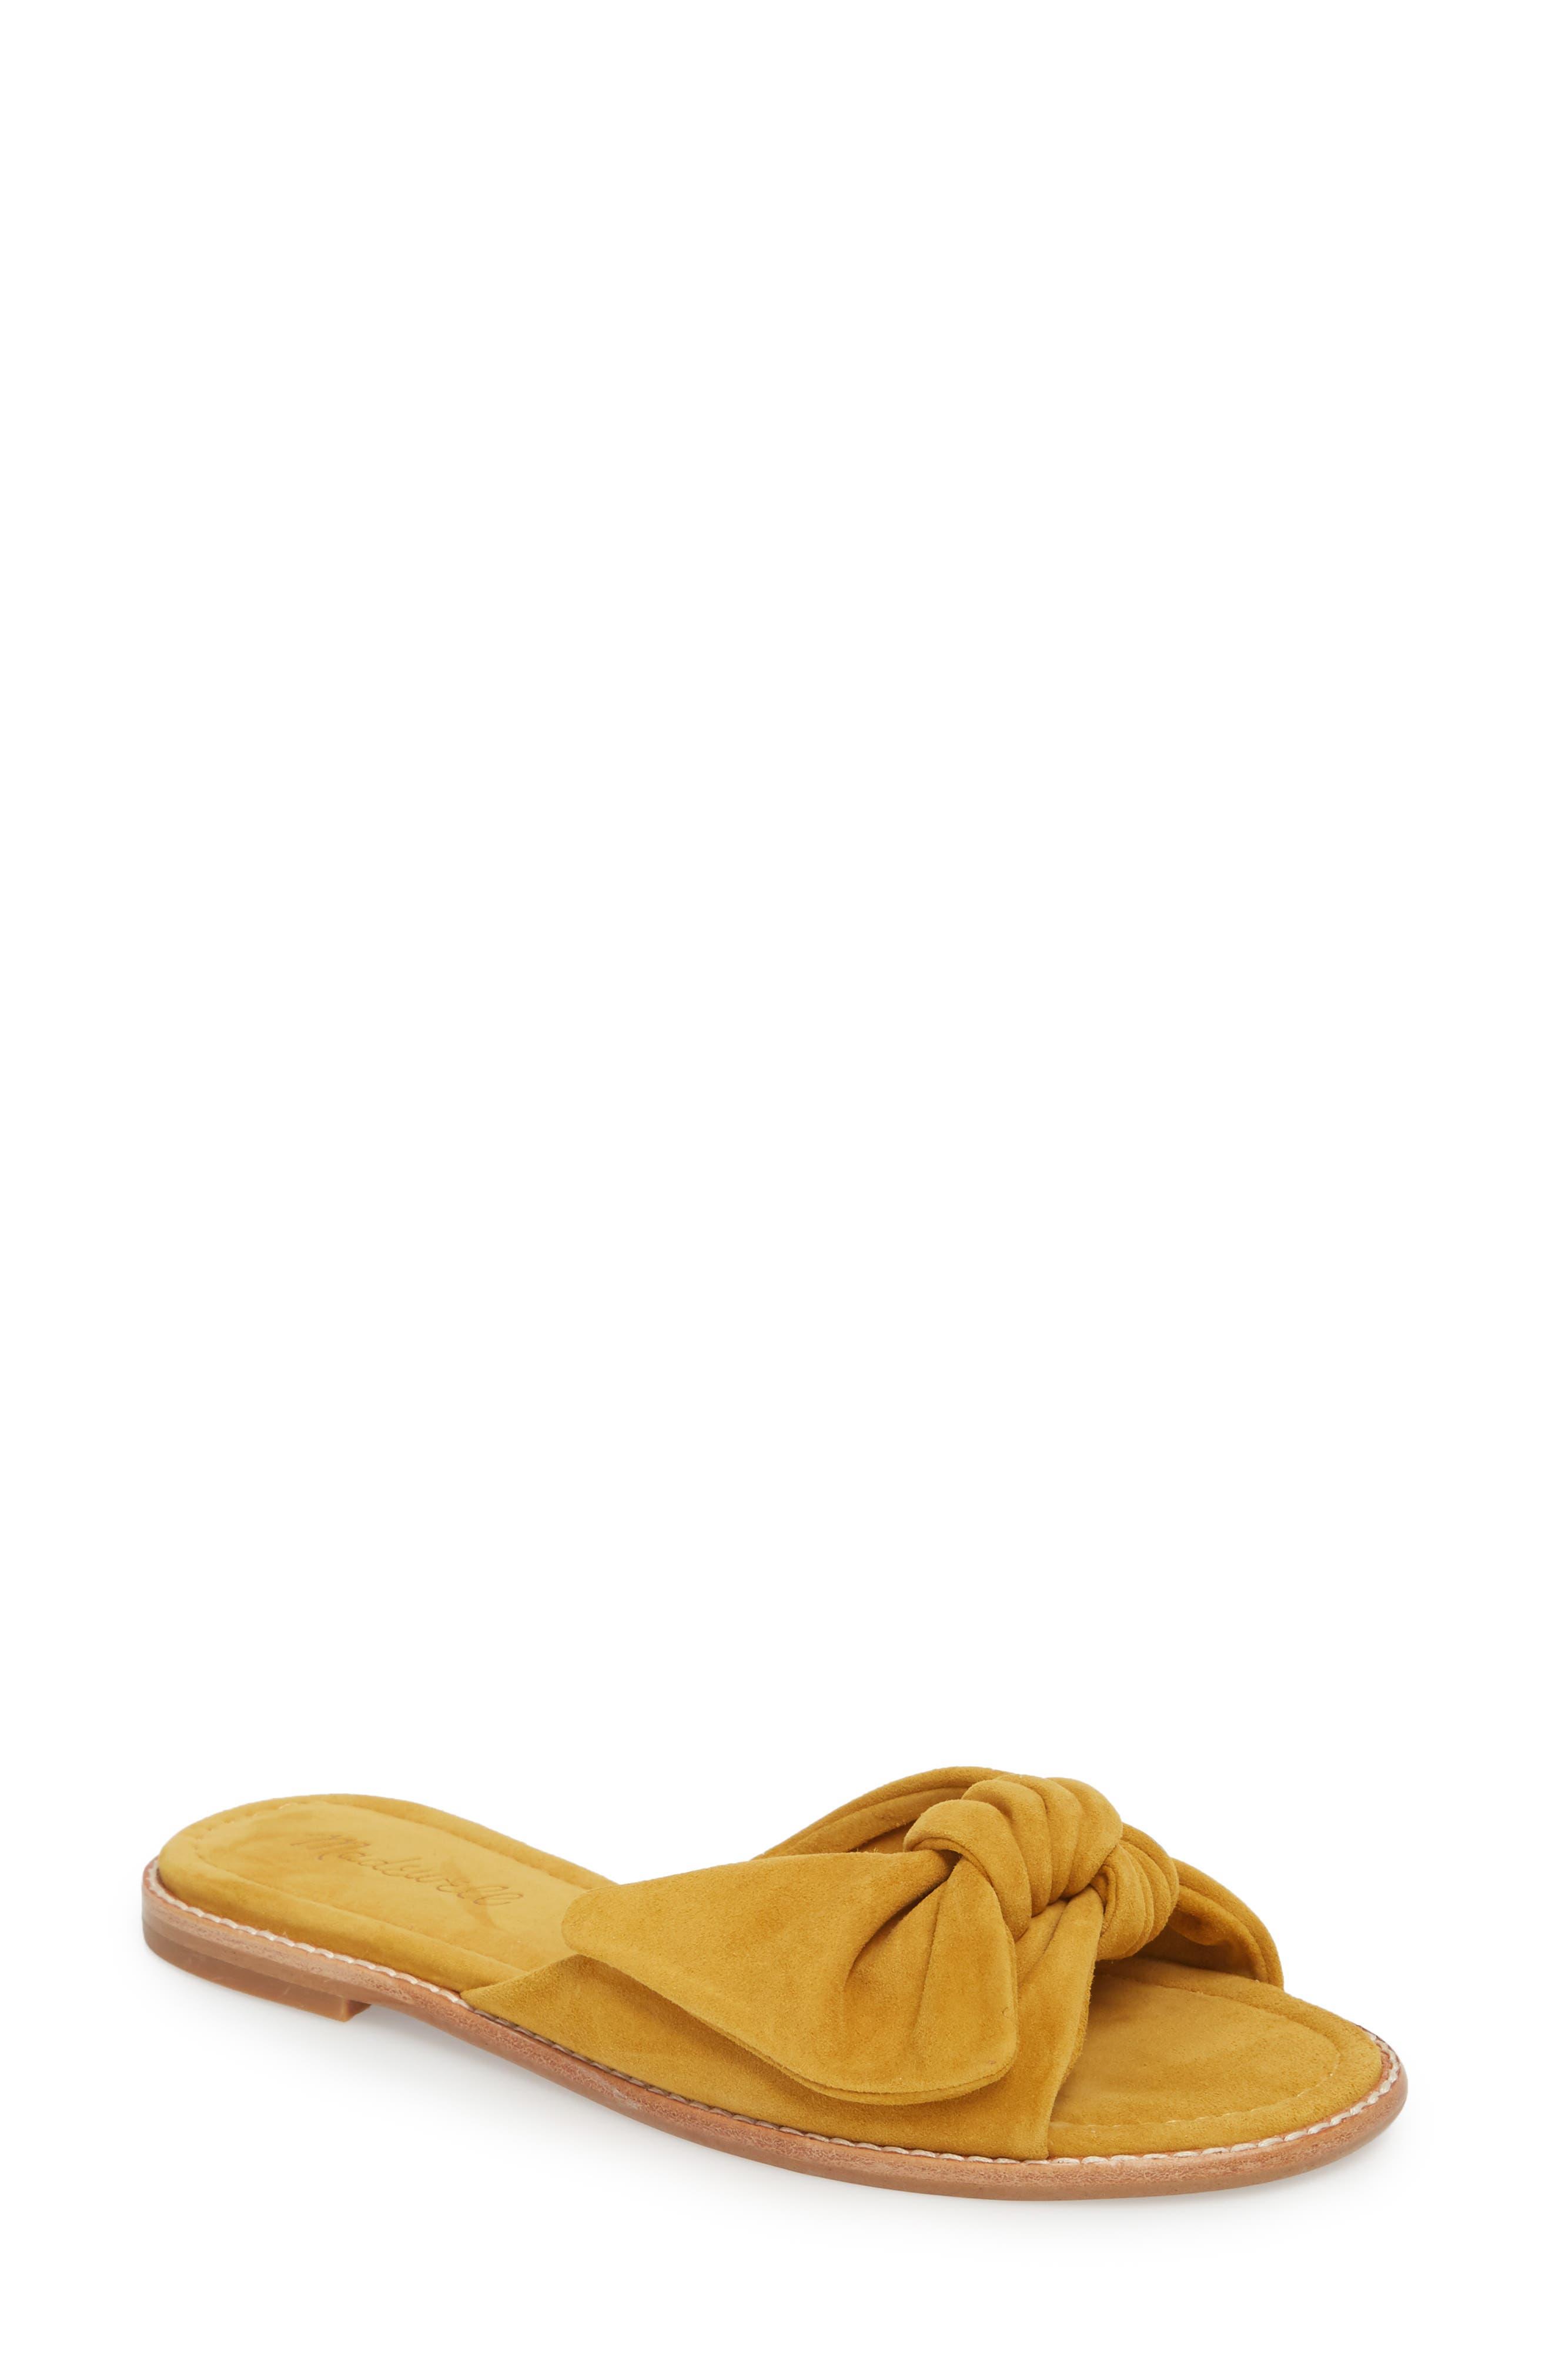 Naida Slide Sandal,                         Main,                         color, Cider Leather